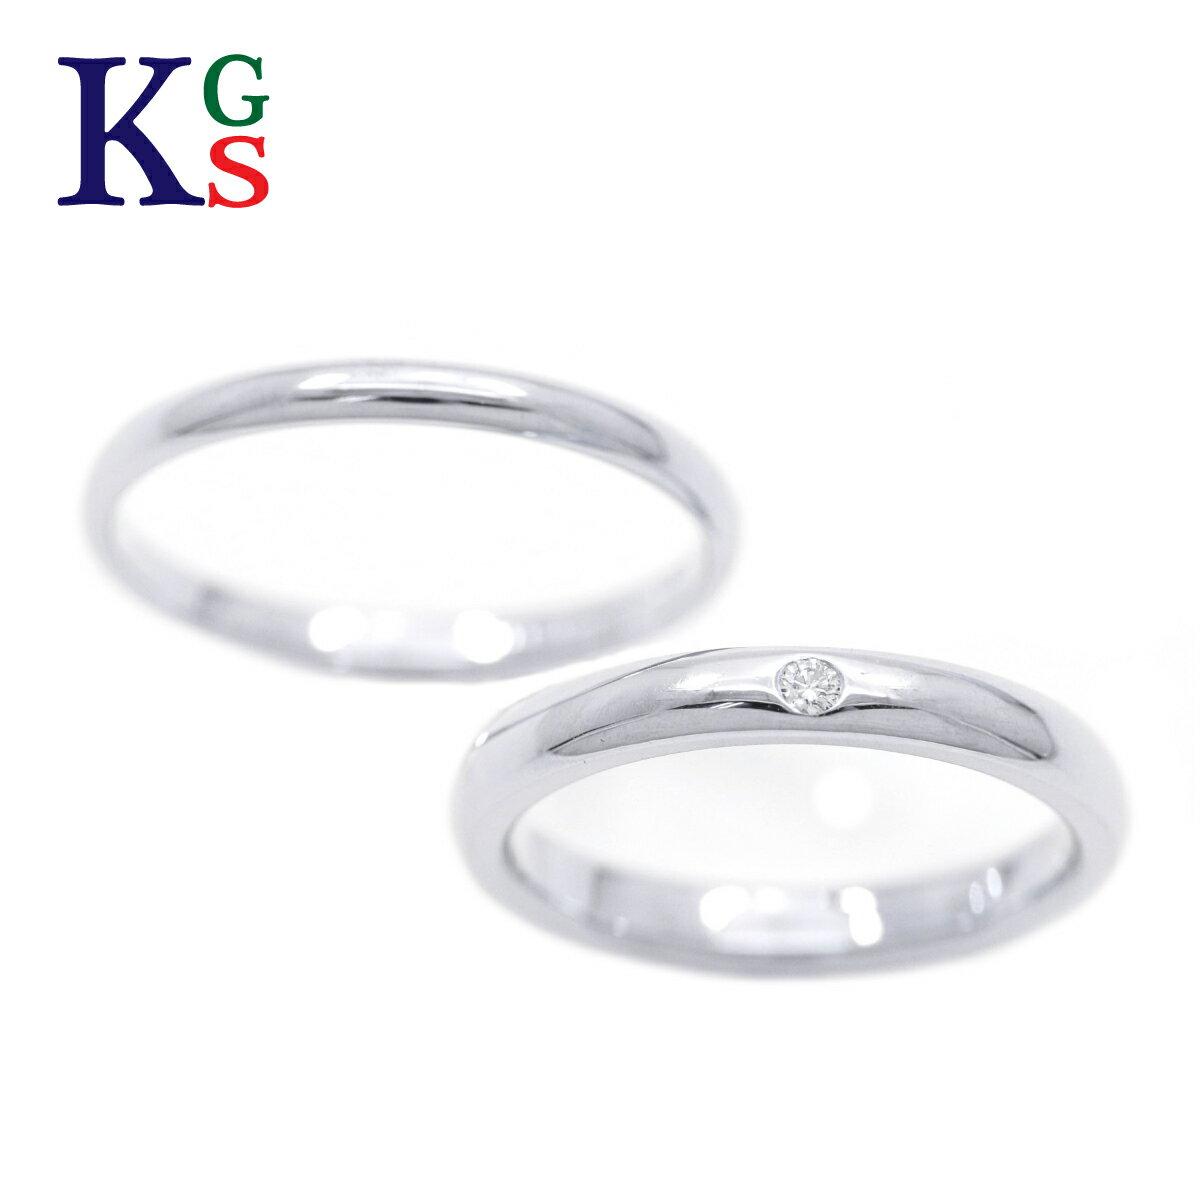 【新古品】【セット販売】【4号-23号】ティファニー/Tiffany&Co ペアリング / スタッキングバンドリング クラシックバンドリング / レディース メンズ マリッジリング 結婚指輪 Pt950 プラチナ